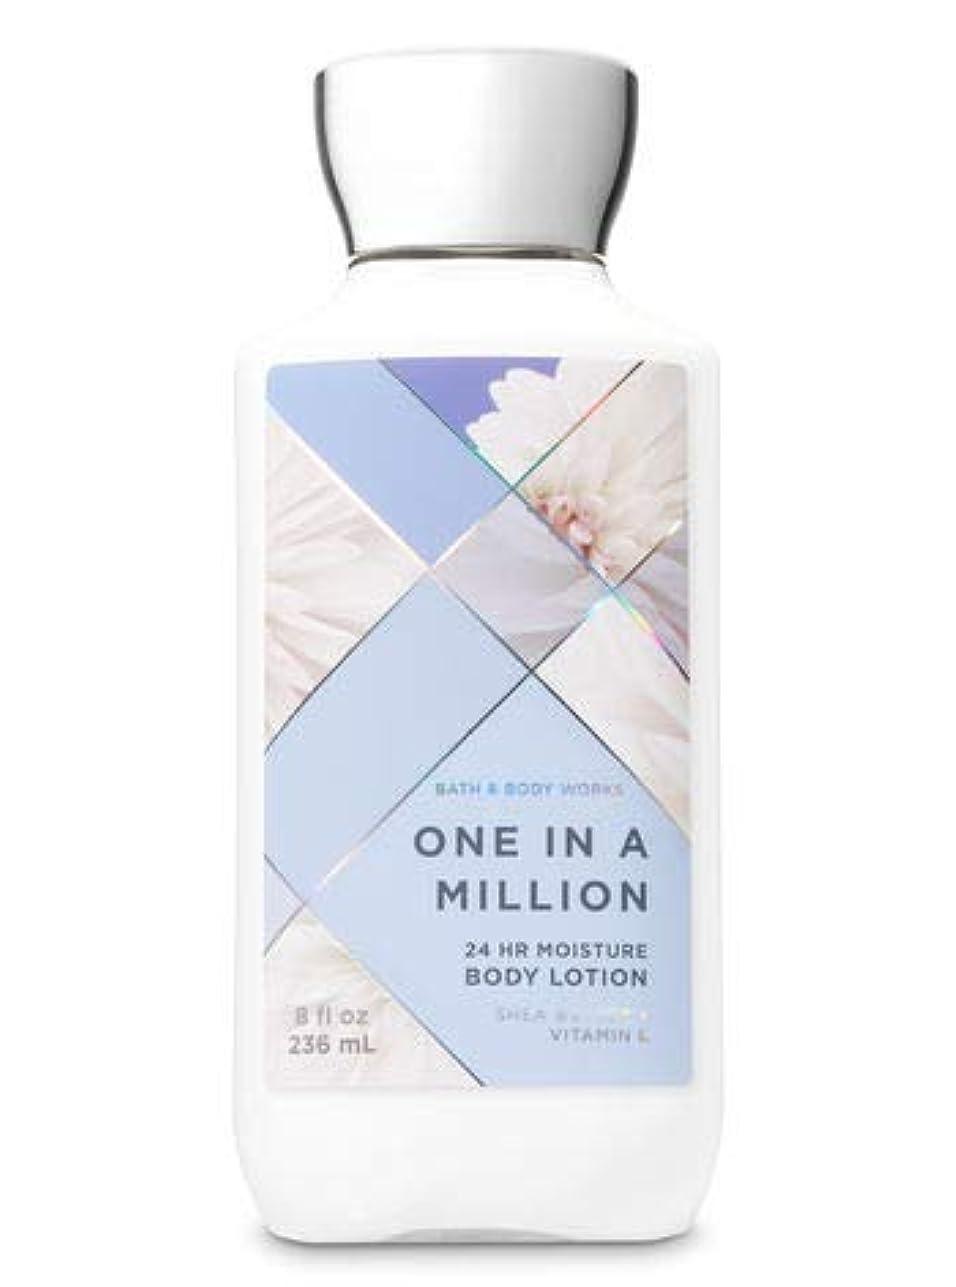 と闘うボイラー既に【Bath&Body Works/バス&ボディワークス】 ボディローション ワンインアミリオン Super Smooth Body Lotion One in a Million 8 fl oz / 236 mL [並行輸入品]